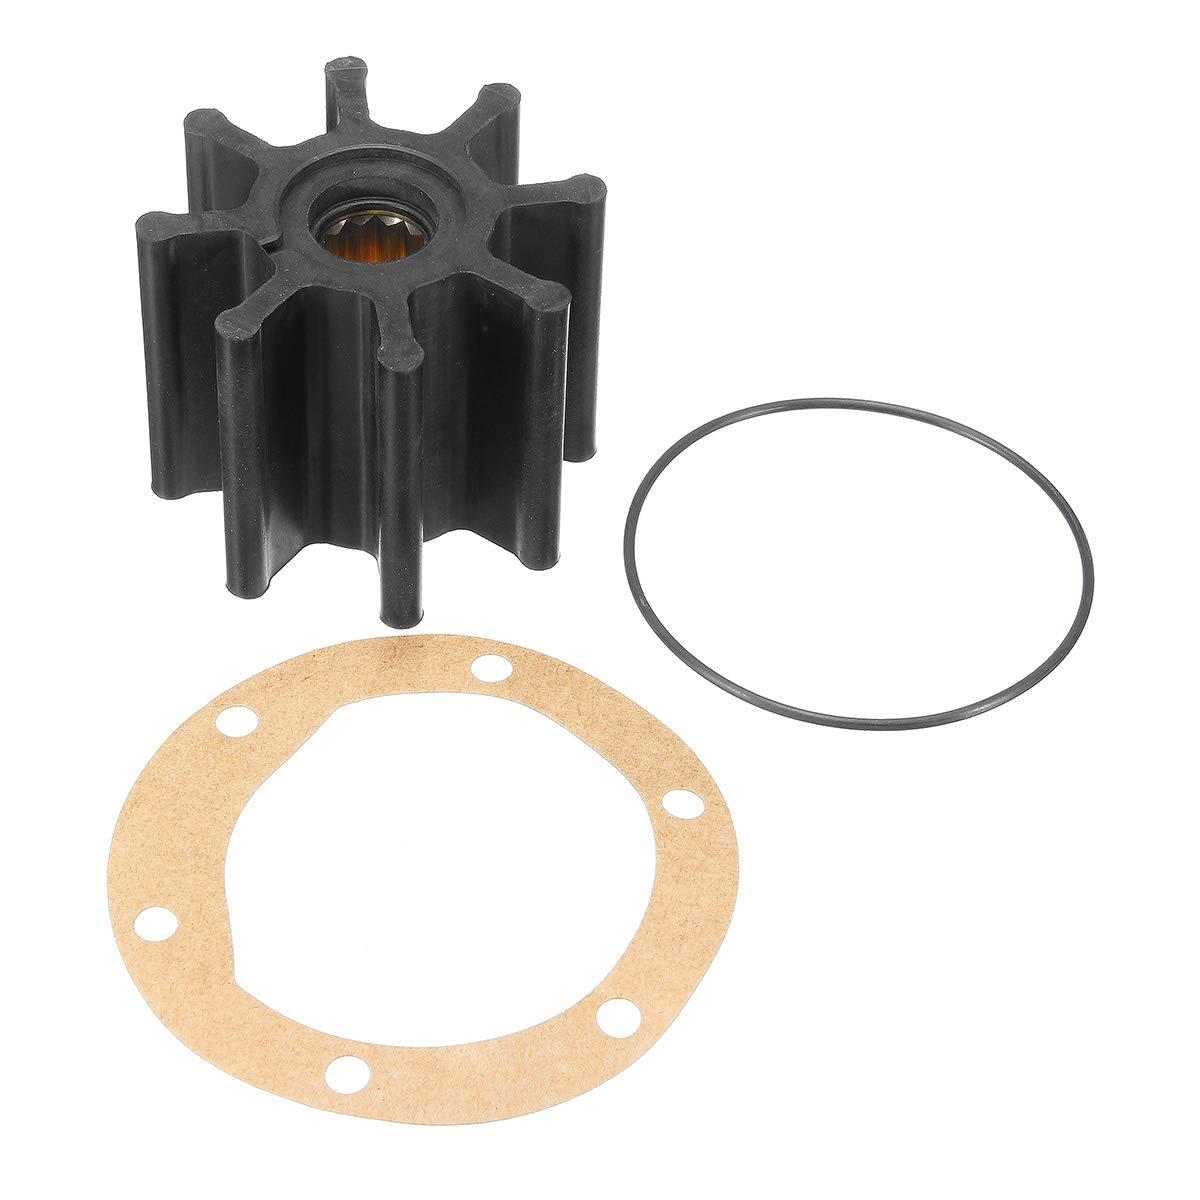 Детали и двигатели для водяного насоса набор для рабочего колеса резиновые двигатели для Volvo Penta #875593-6 877061 3841697